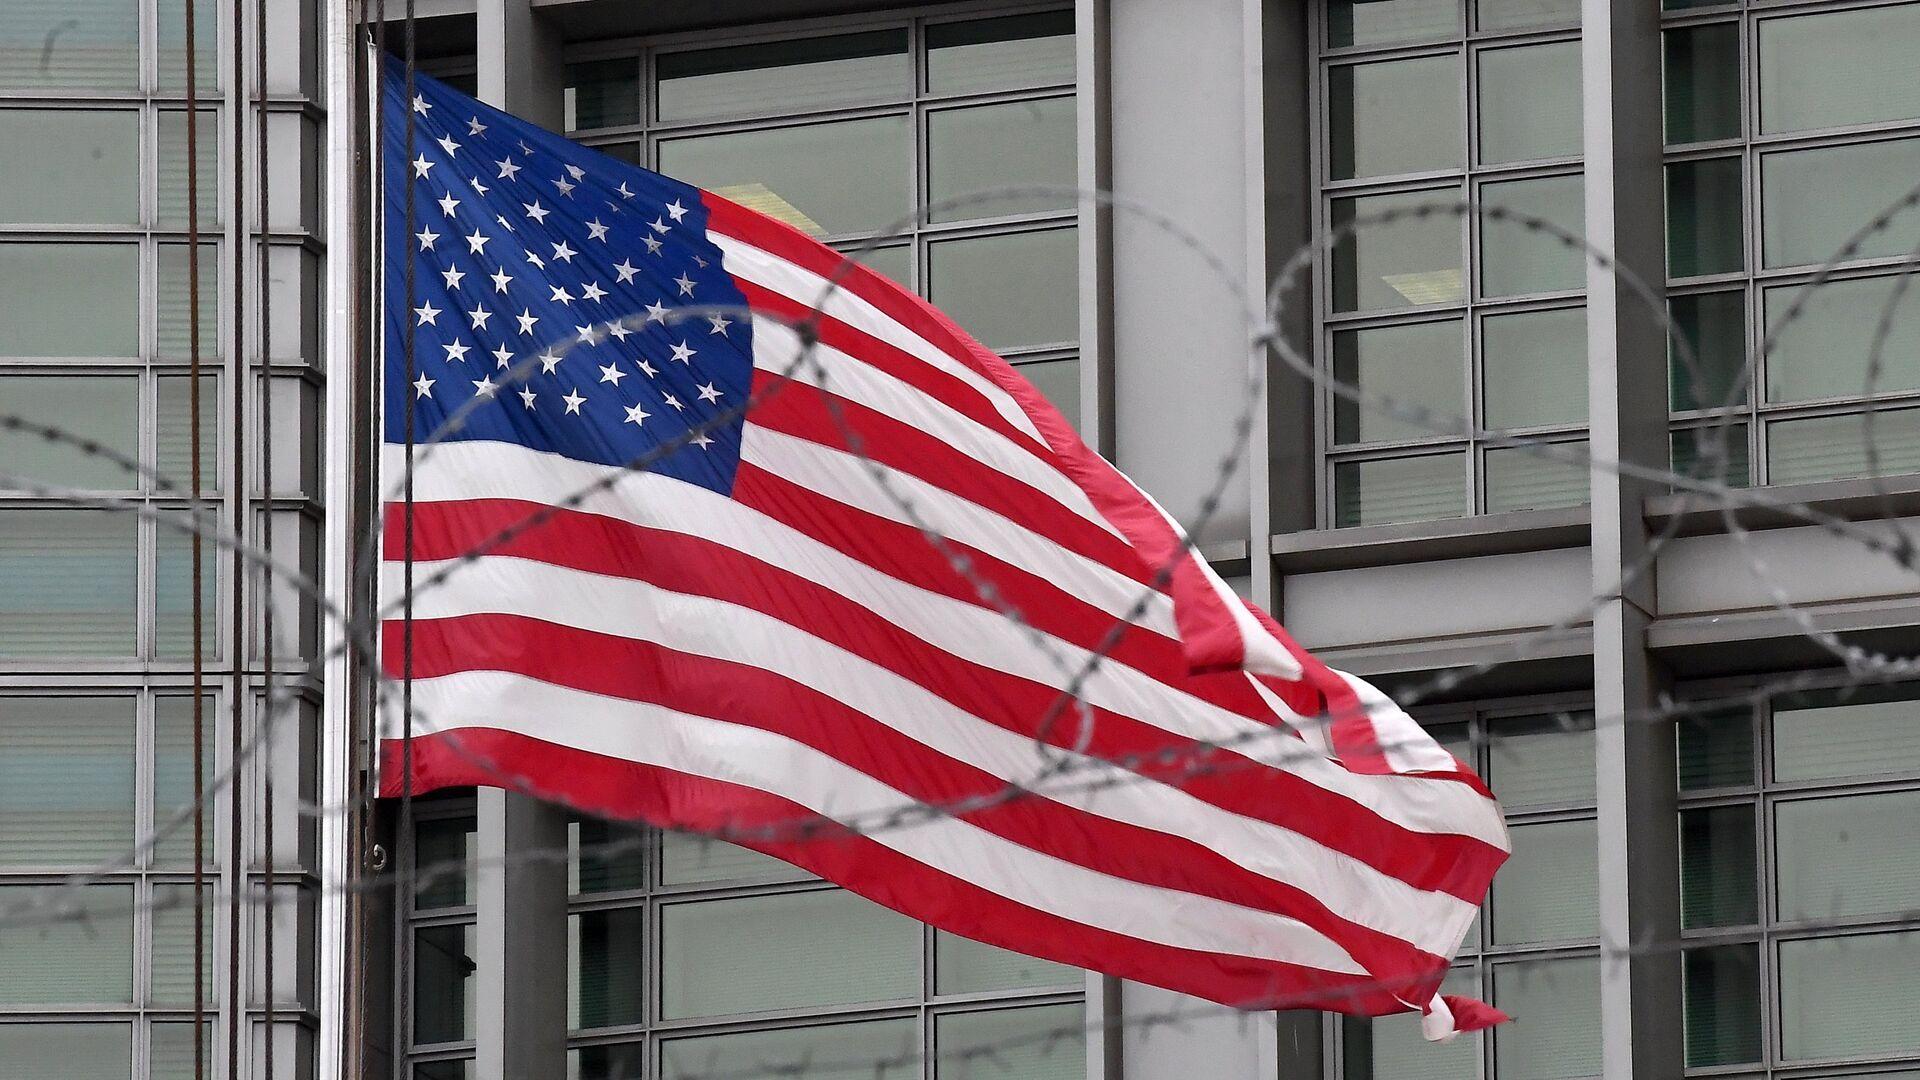 Флаг на здании посольства США в Большом Девятинском переулке в Москве - РИА Новости, 1920, 12.05.2021